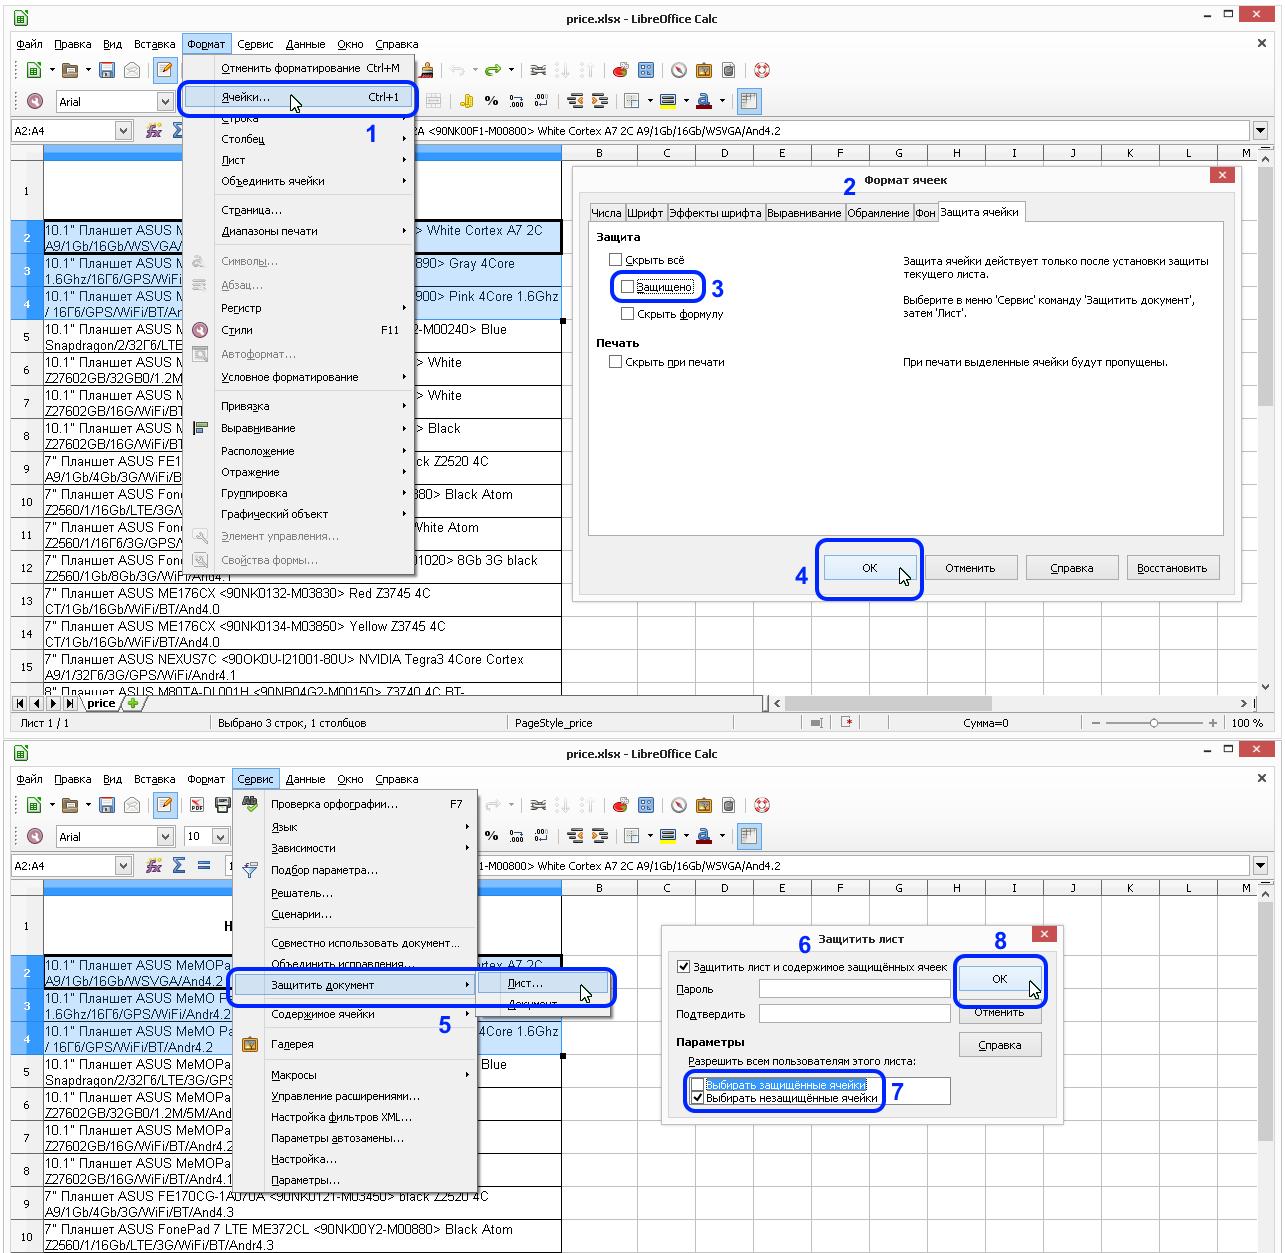 Calc: Формат - Ячейки - Формат ячеек - Защита ячеек - Снять галочку Защищено + Данные - Защитить документ - Лист - Защитить лист